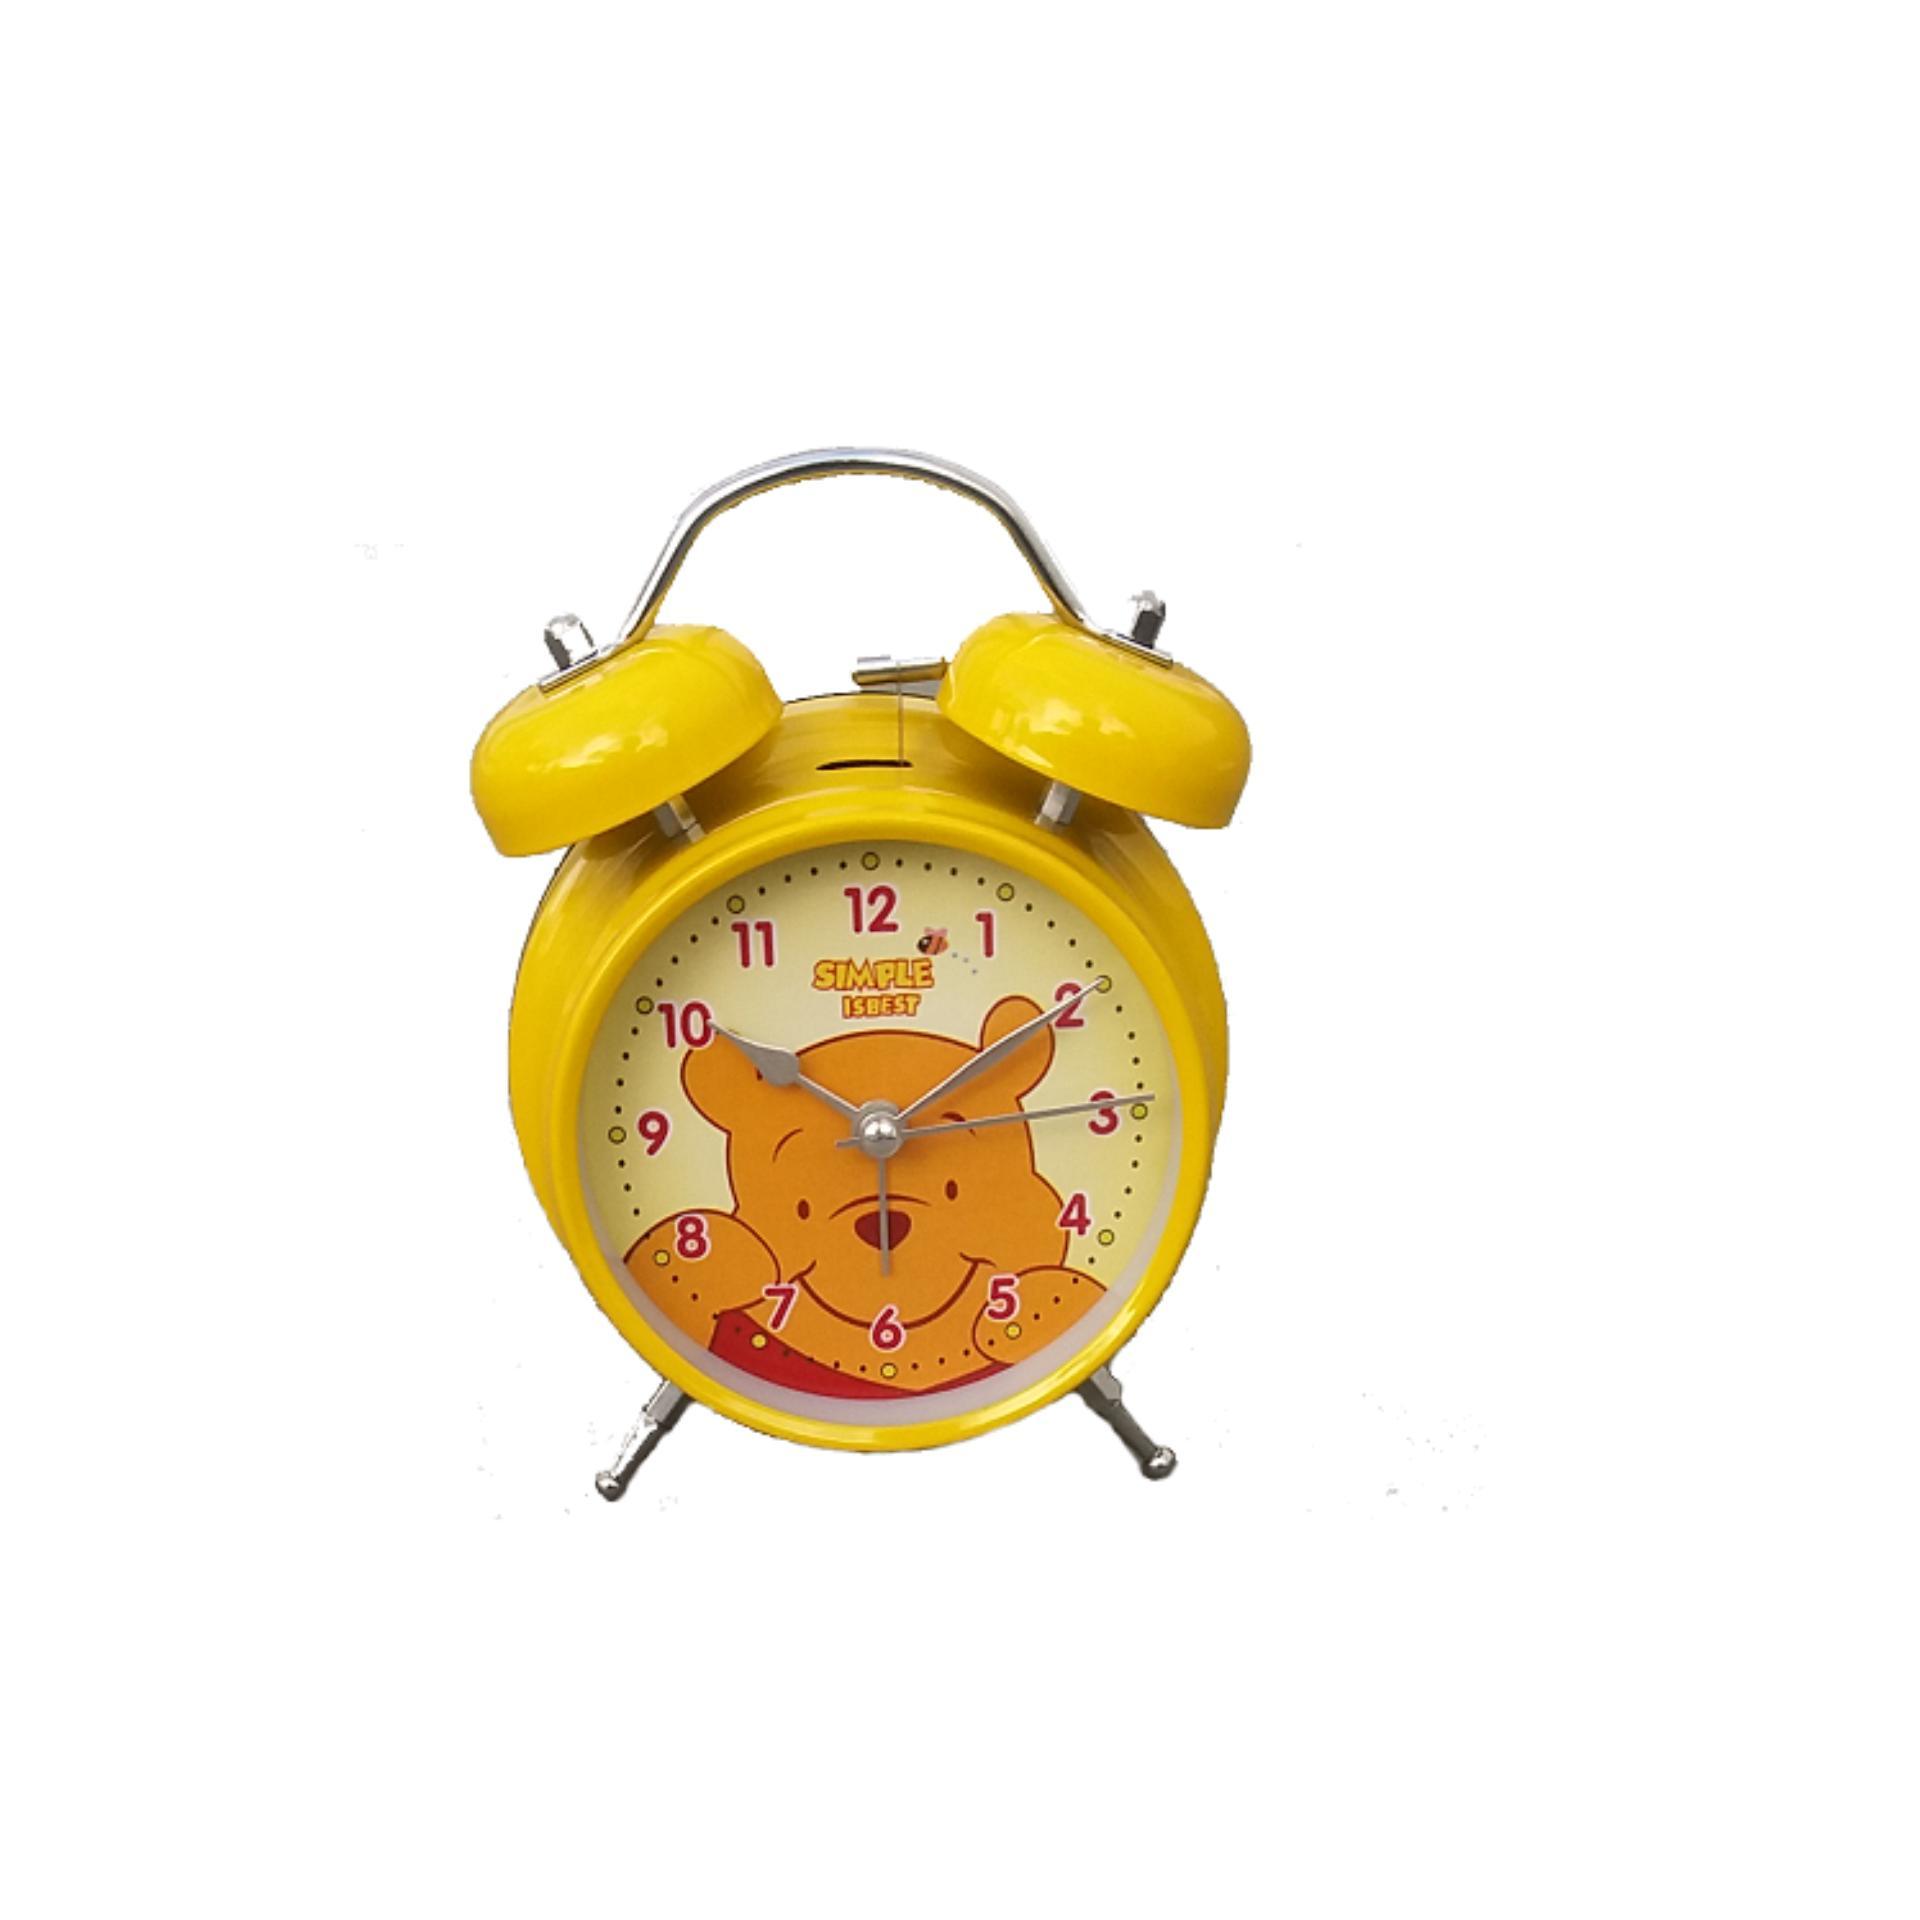 Jual Produk Winnie The Pooh Terbaru   lazada.co.id